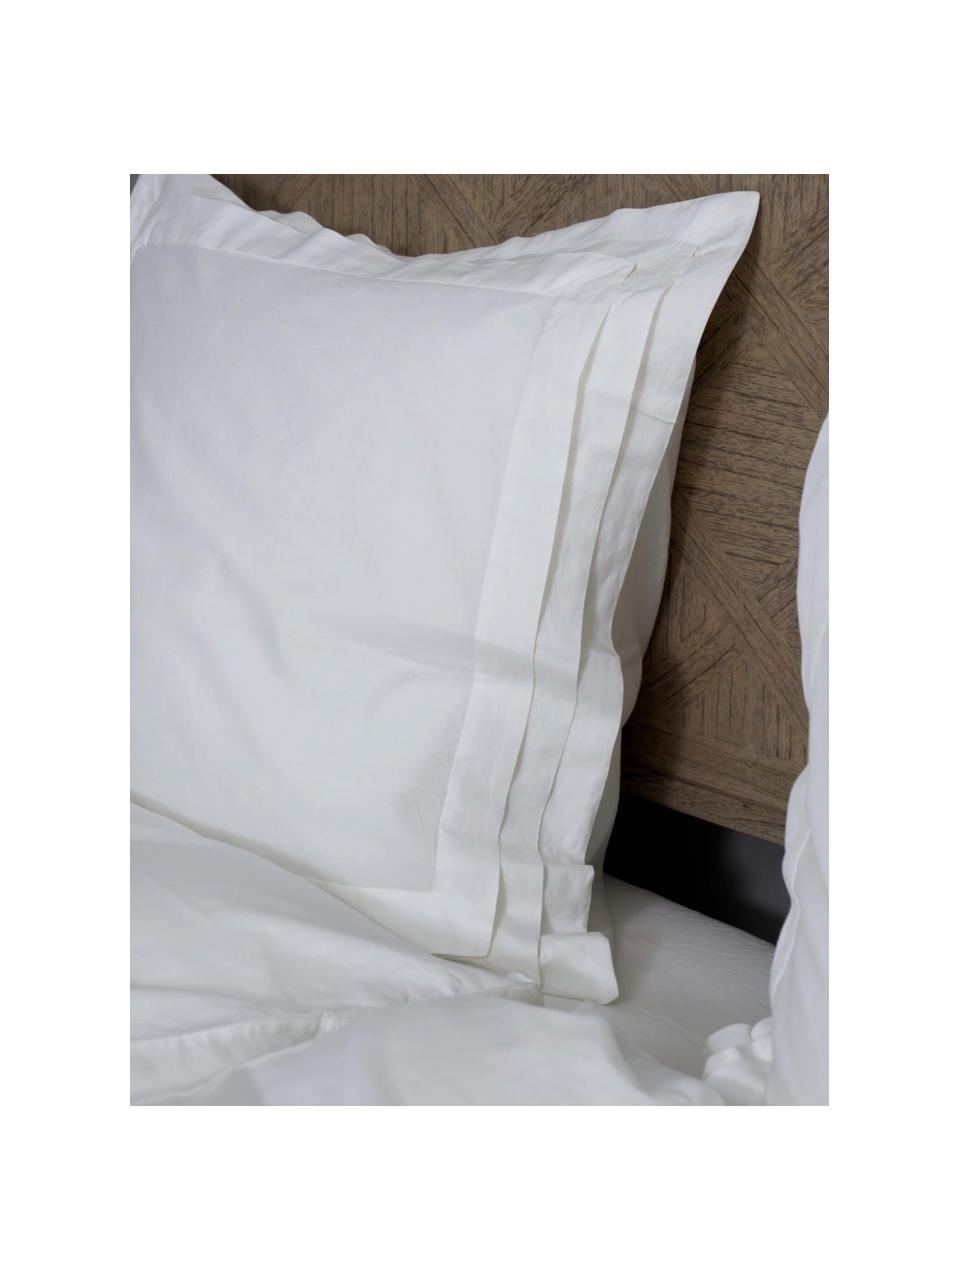 Gewaschene Leinen-Bettwäsche Helena in Weiß mit Stehsaum, Halbleinen (52% Leinen, 48% Baumwolle)  Fadendichte 136 TC, Standard Qualität  Halbleinen hat von Natur aus einen kernigen Griff und einen natürlichen Knitterlook, der durch den Stonewash-Effekt verstärkt wird. Es absorbiert bis zu 35% Luftfeuchtigkeit, trocknet sehr schnell und wirkt in Sommernächten angenehm kühlend. Die hohe Reißfestigkeit macht Halbleinen scheuerfest und strapazierfähig., Weiß, 240 x 220 cm + 2 Kissen 80 x 80 cm